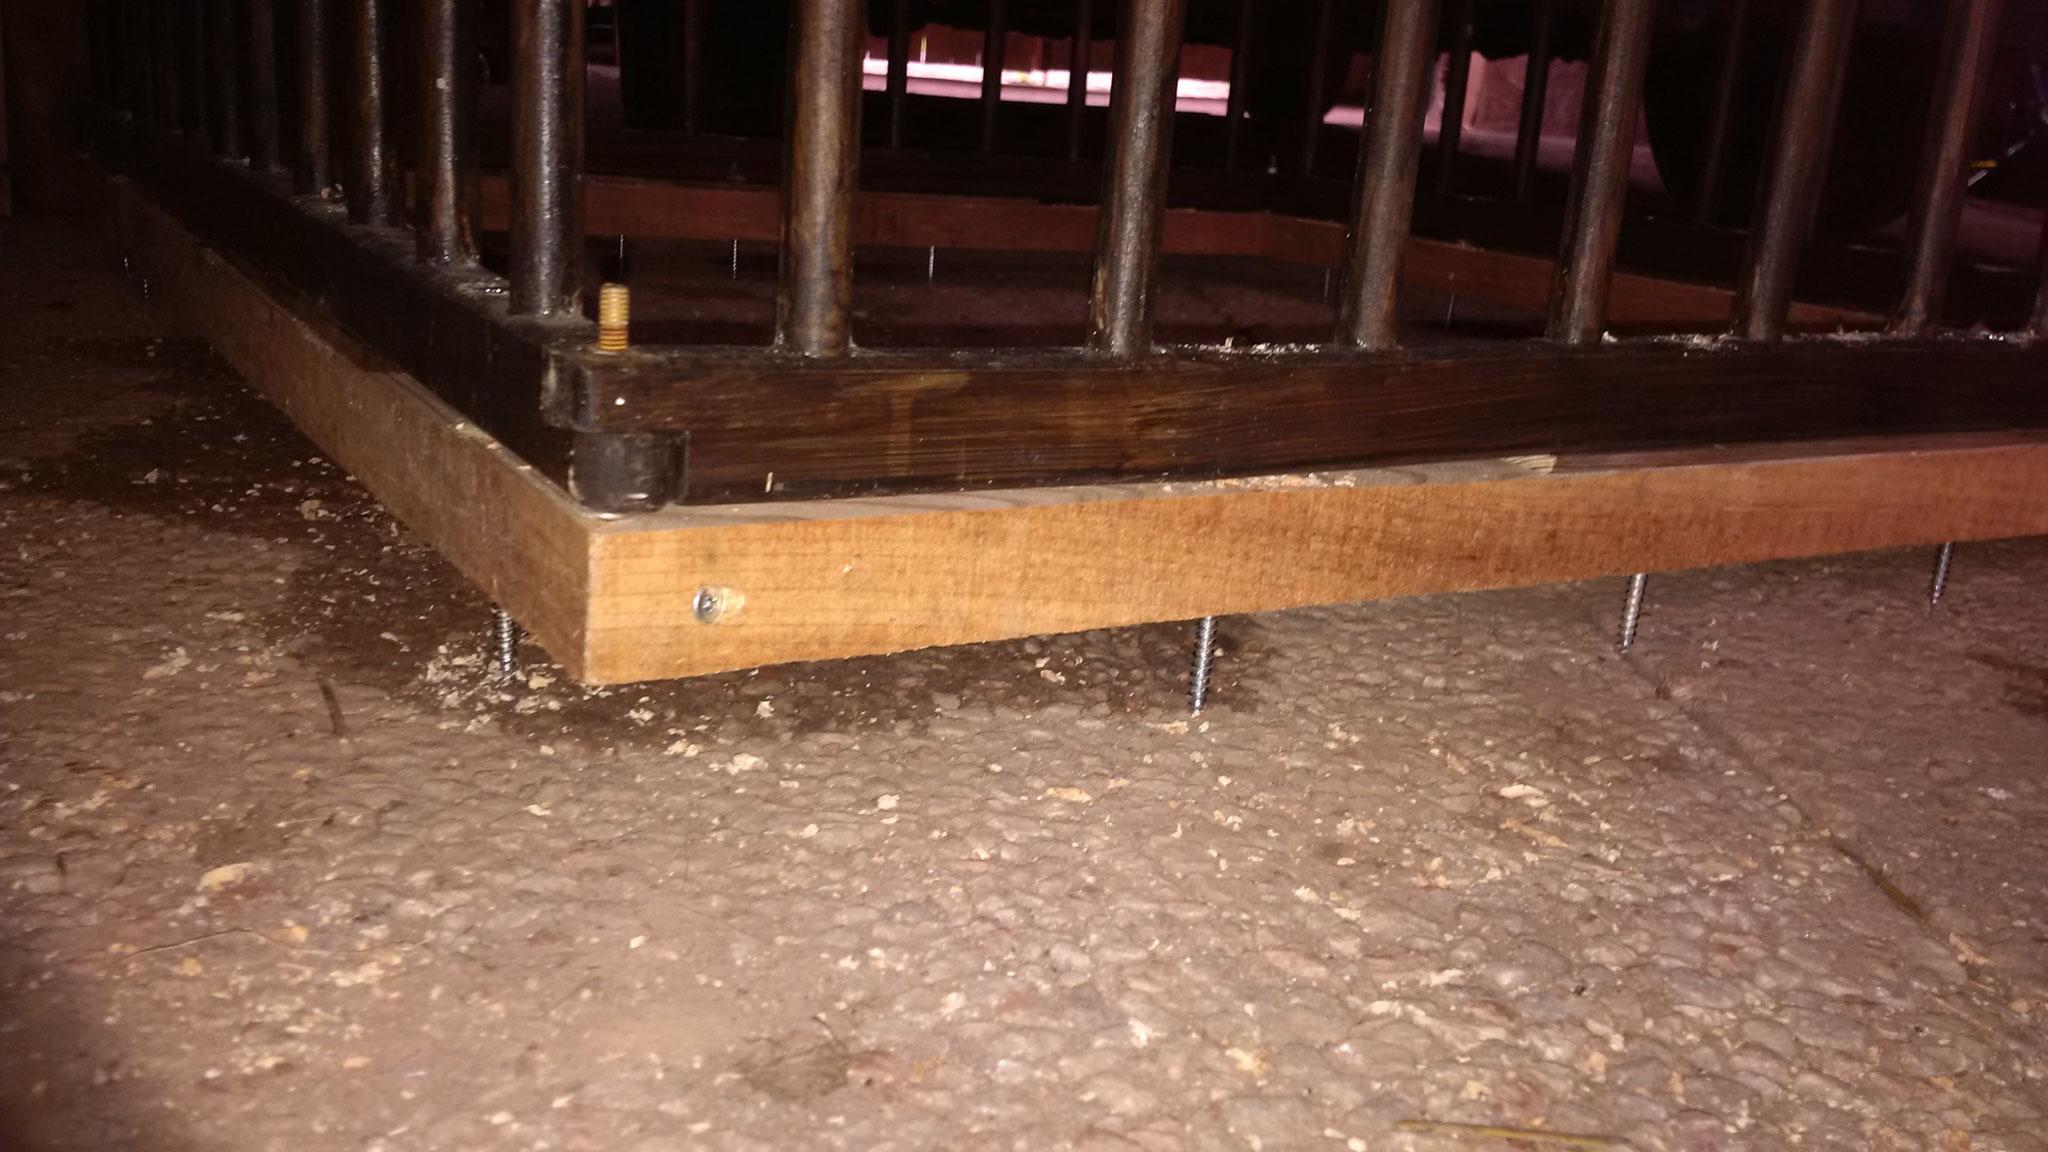 """Von oben her einige Schrauben durch beides gebohrt, um den """"Laufstall"""" gegen Verrutschen sichern zu können."""